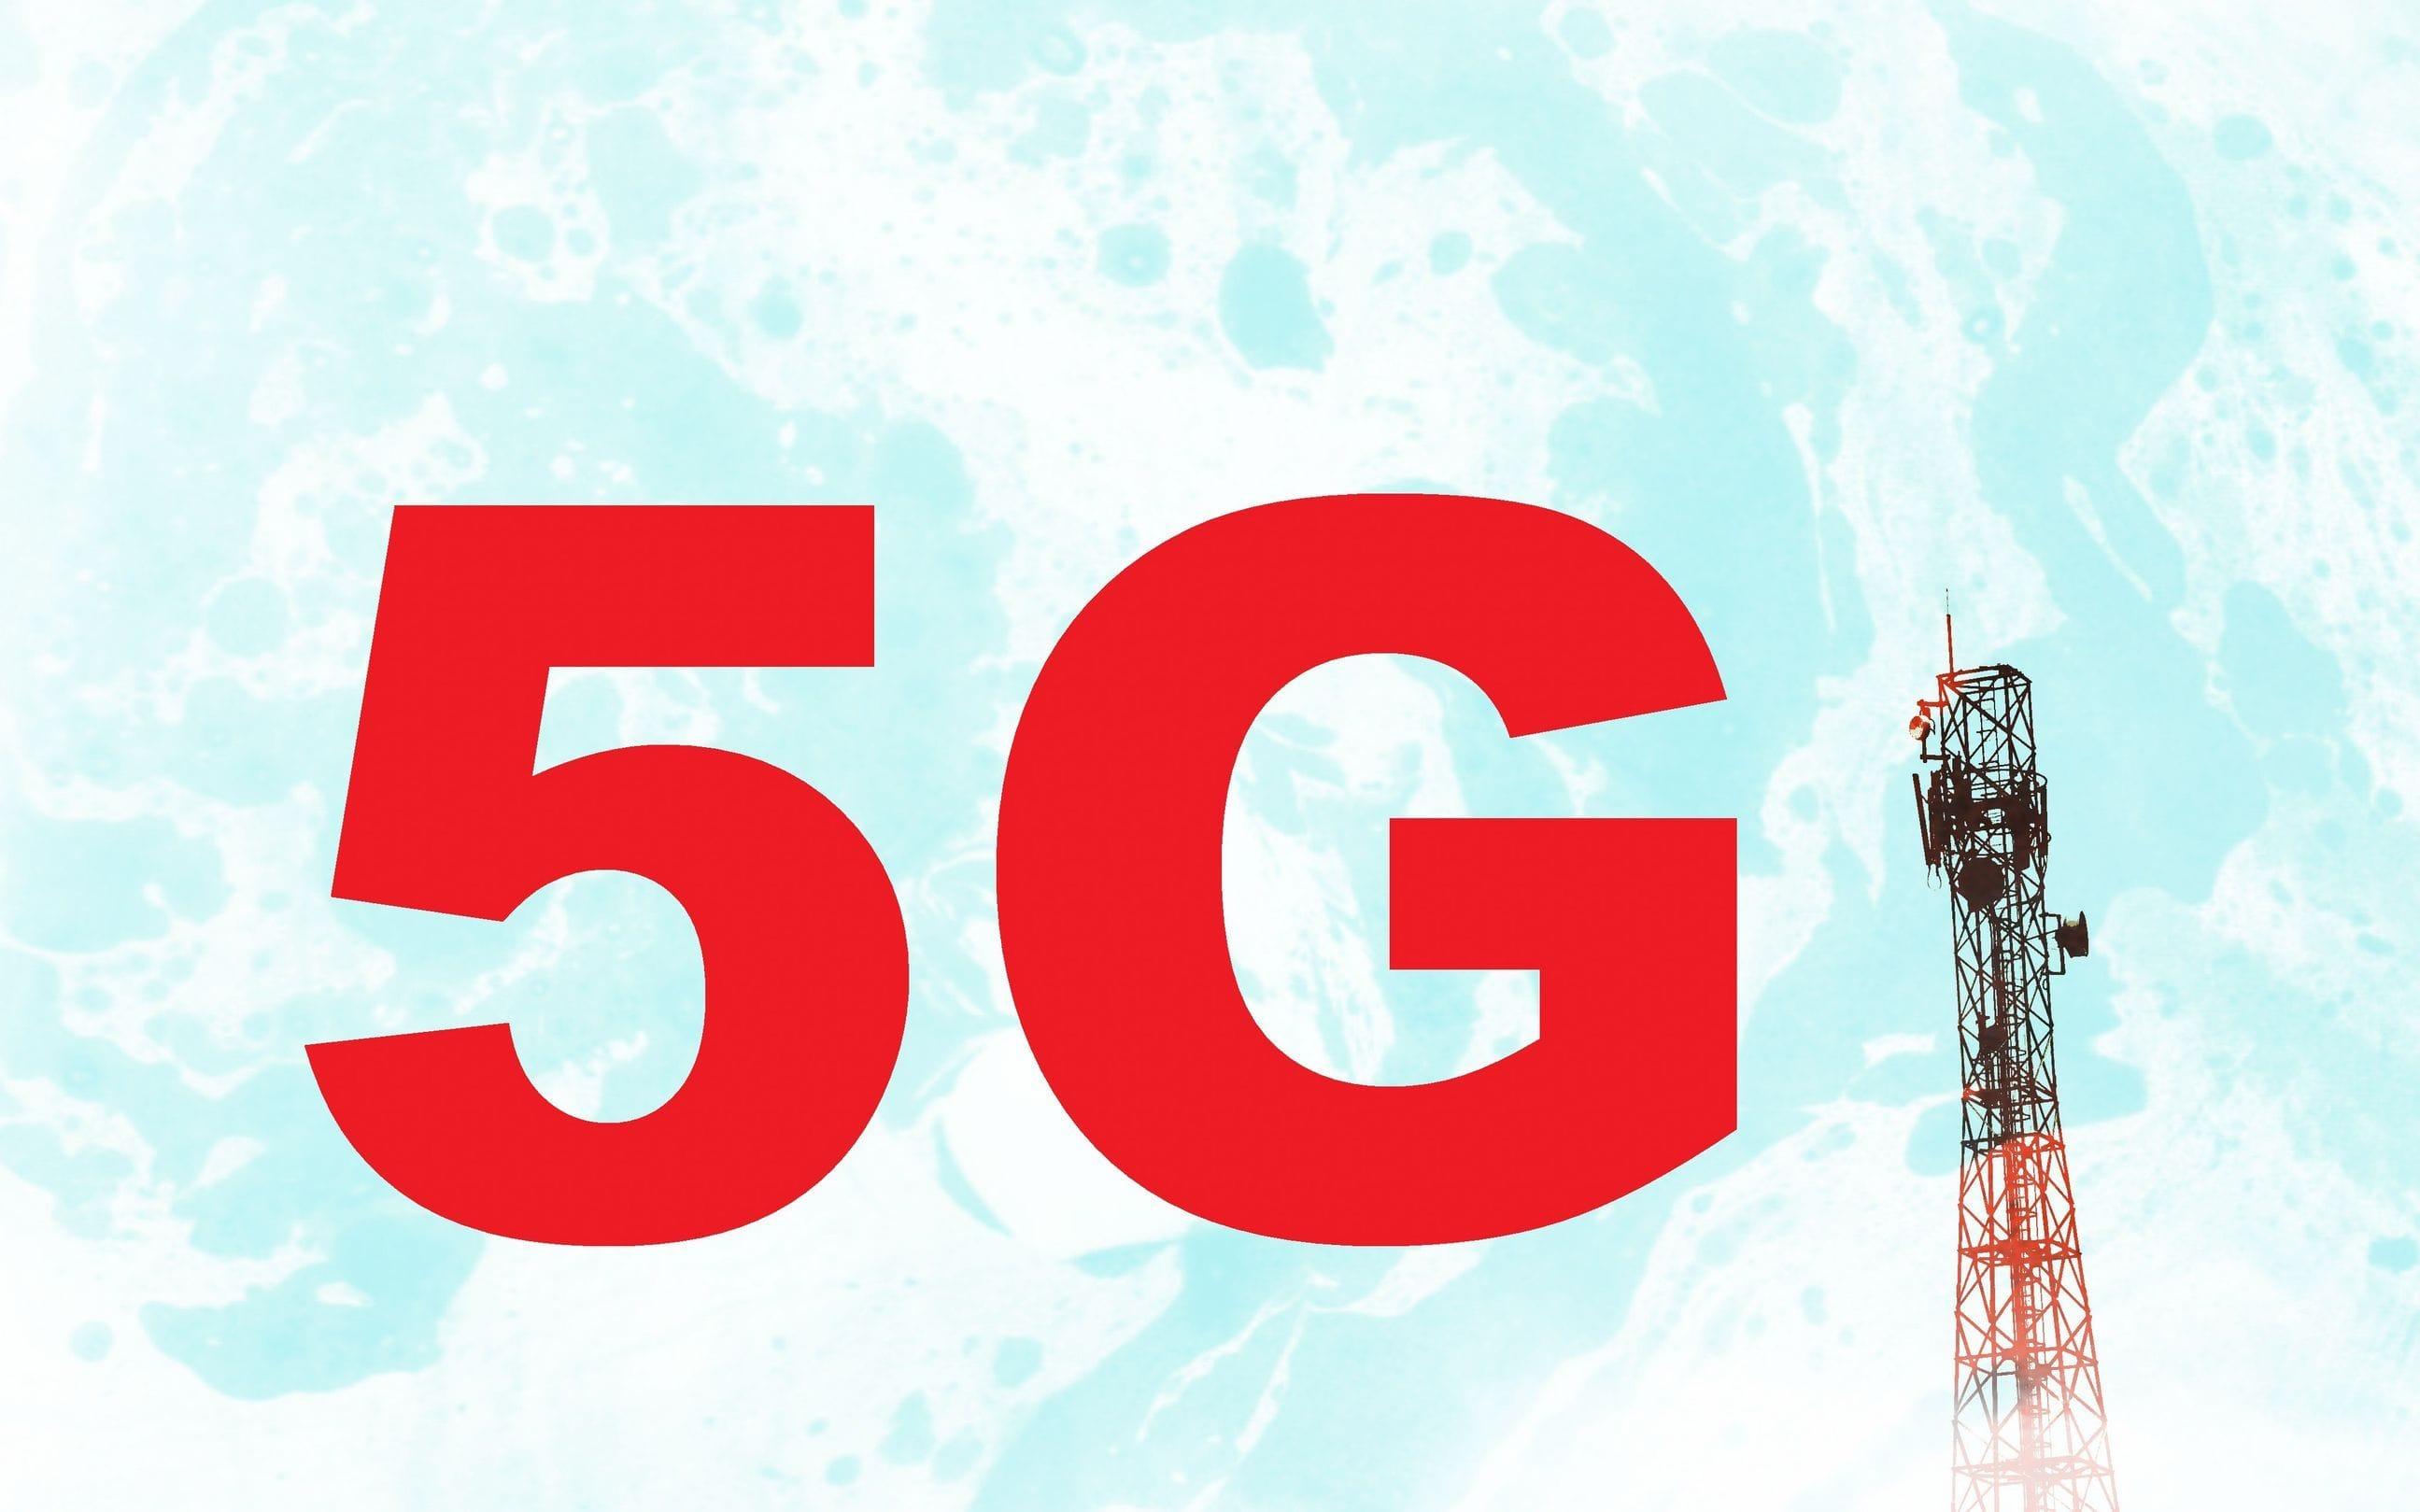 МТС запустила в Кронштадте первую в России пилотную 5G-сеть в масштабах города 1